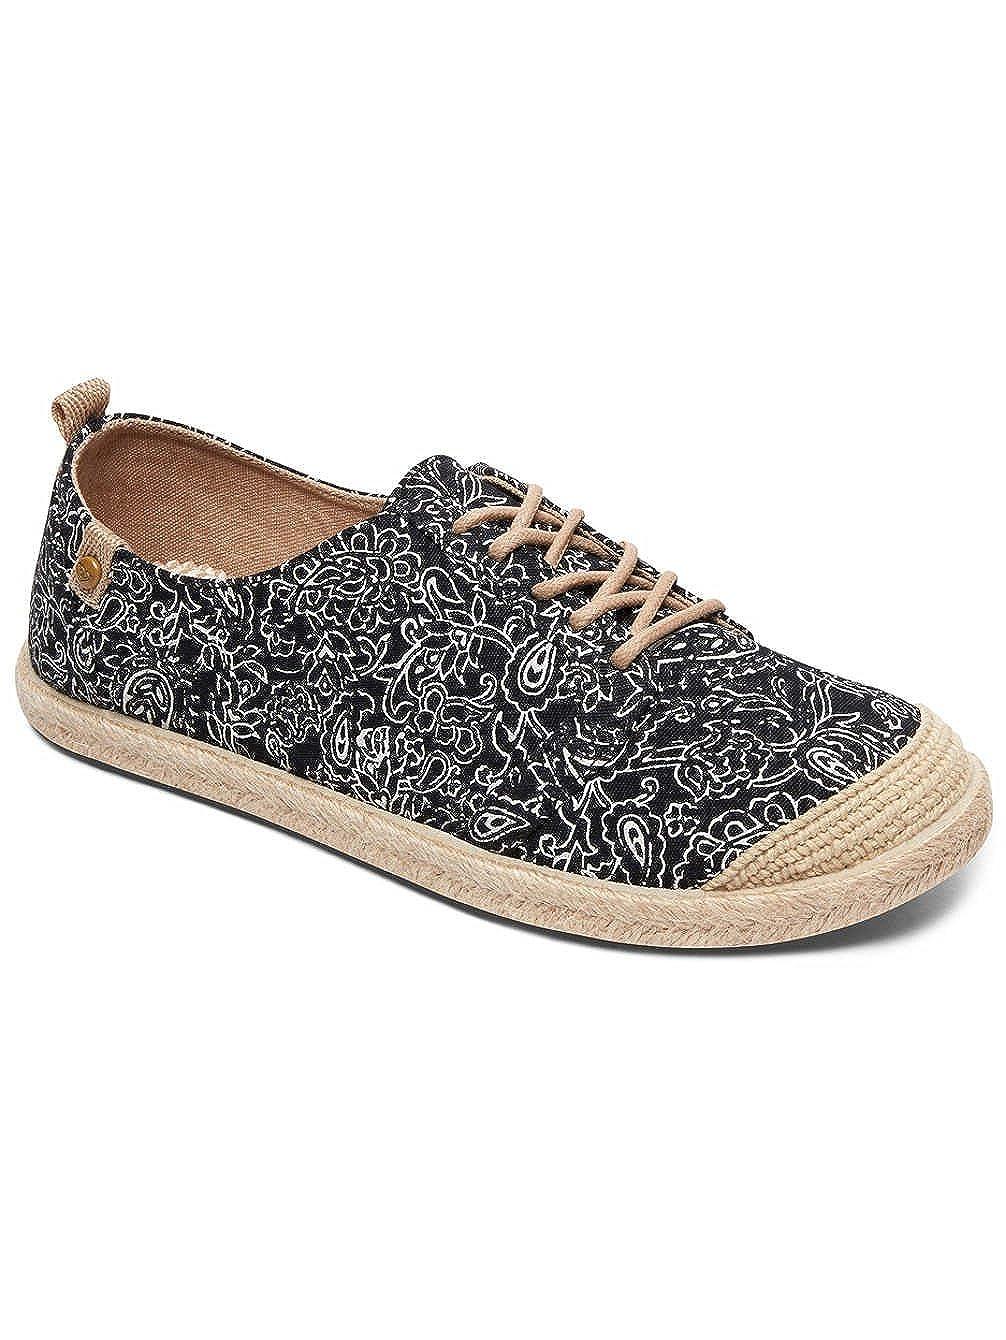 roxy Flora Lace Up - Shoes - Zapatillas - Mujer - EU 39 - Negro: Amazon.es: Zapatos y complementos